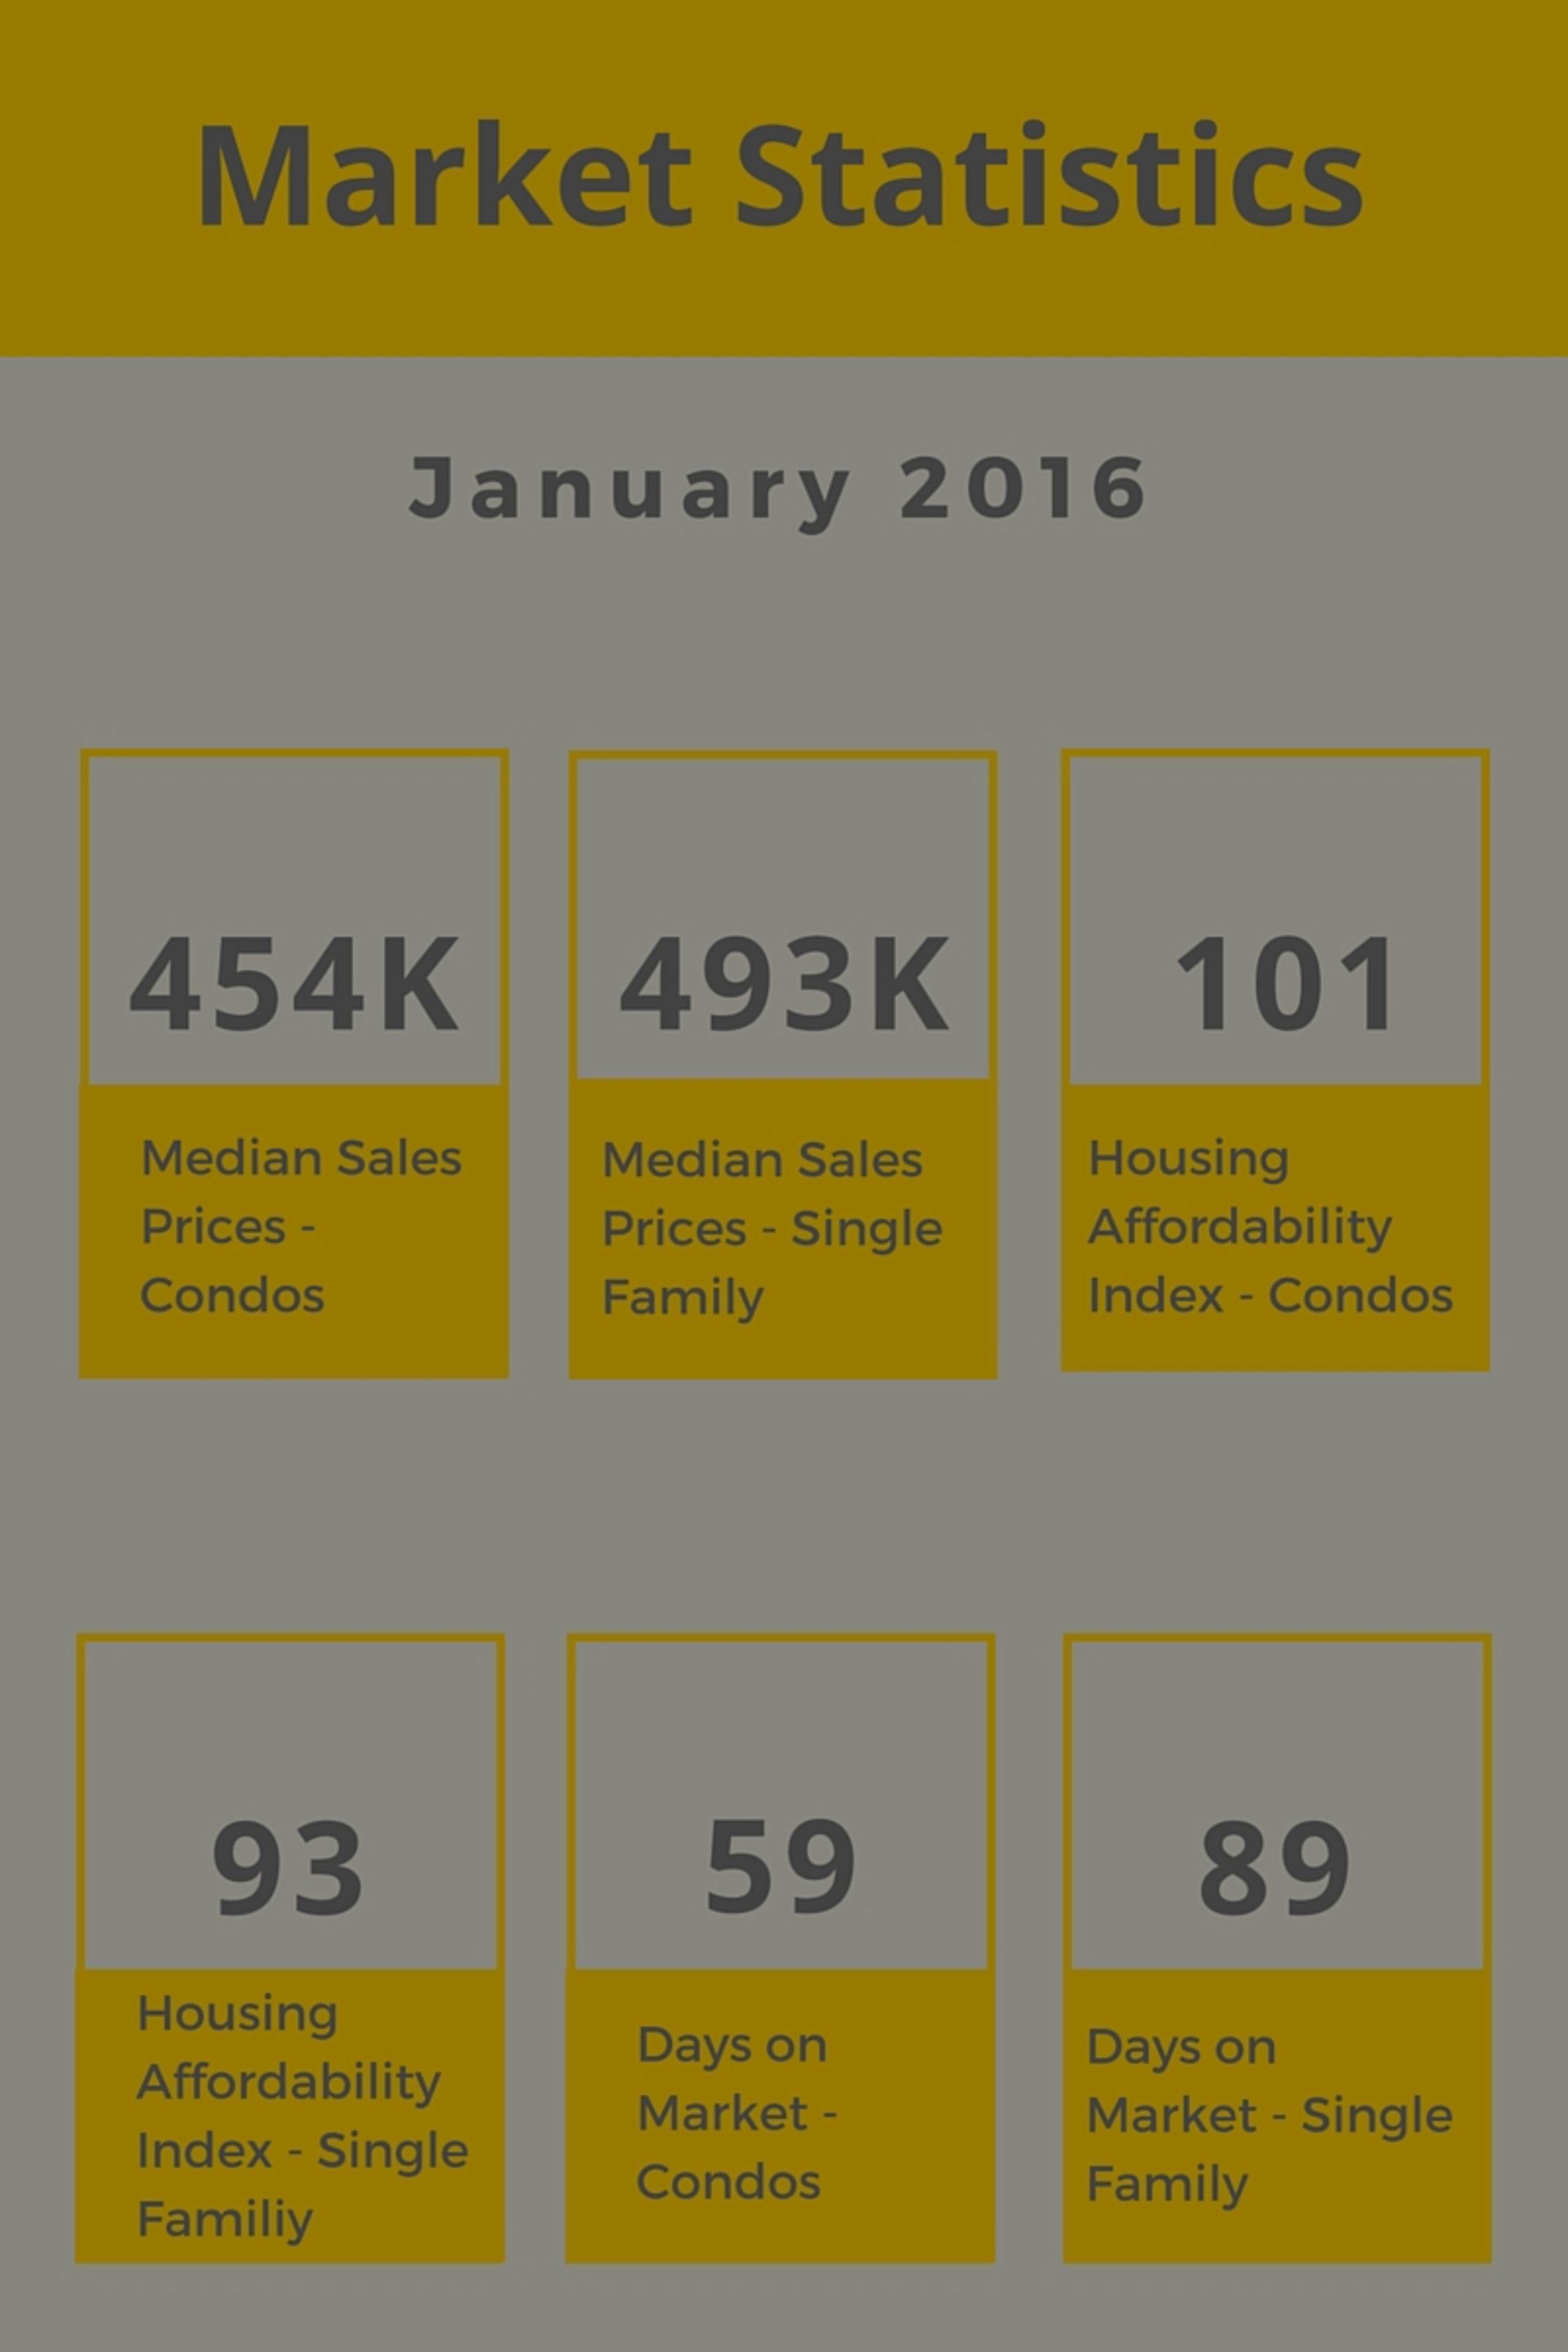 January 2016 Market Stats